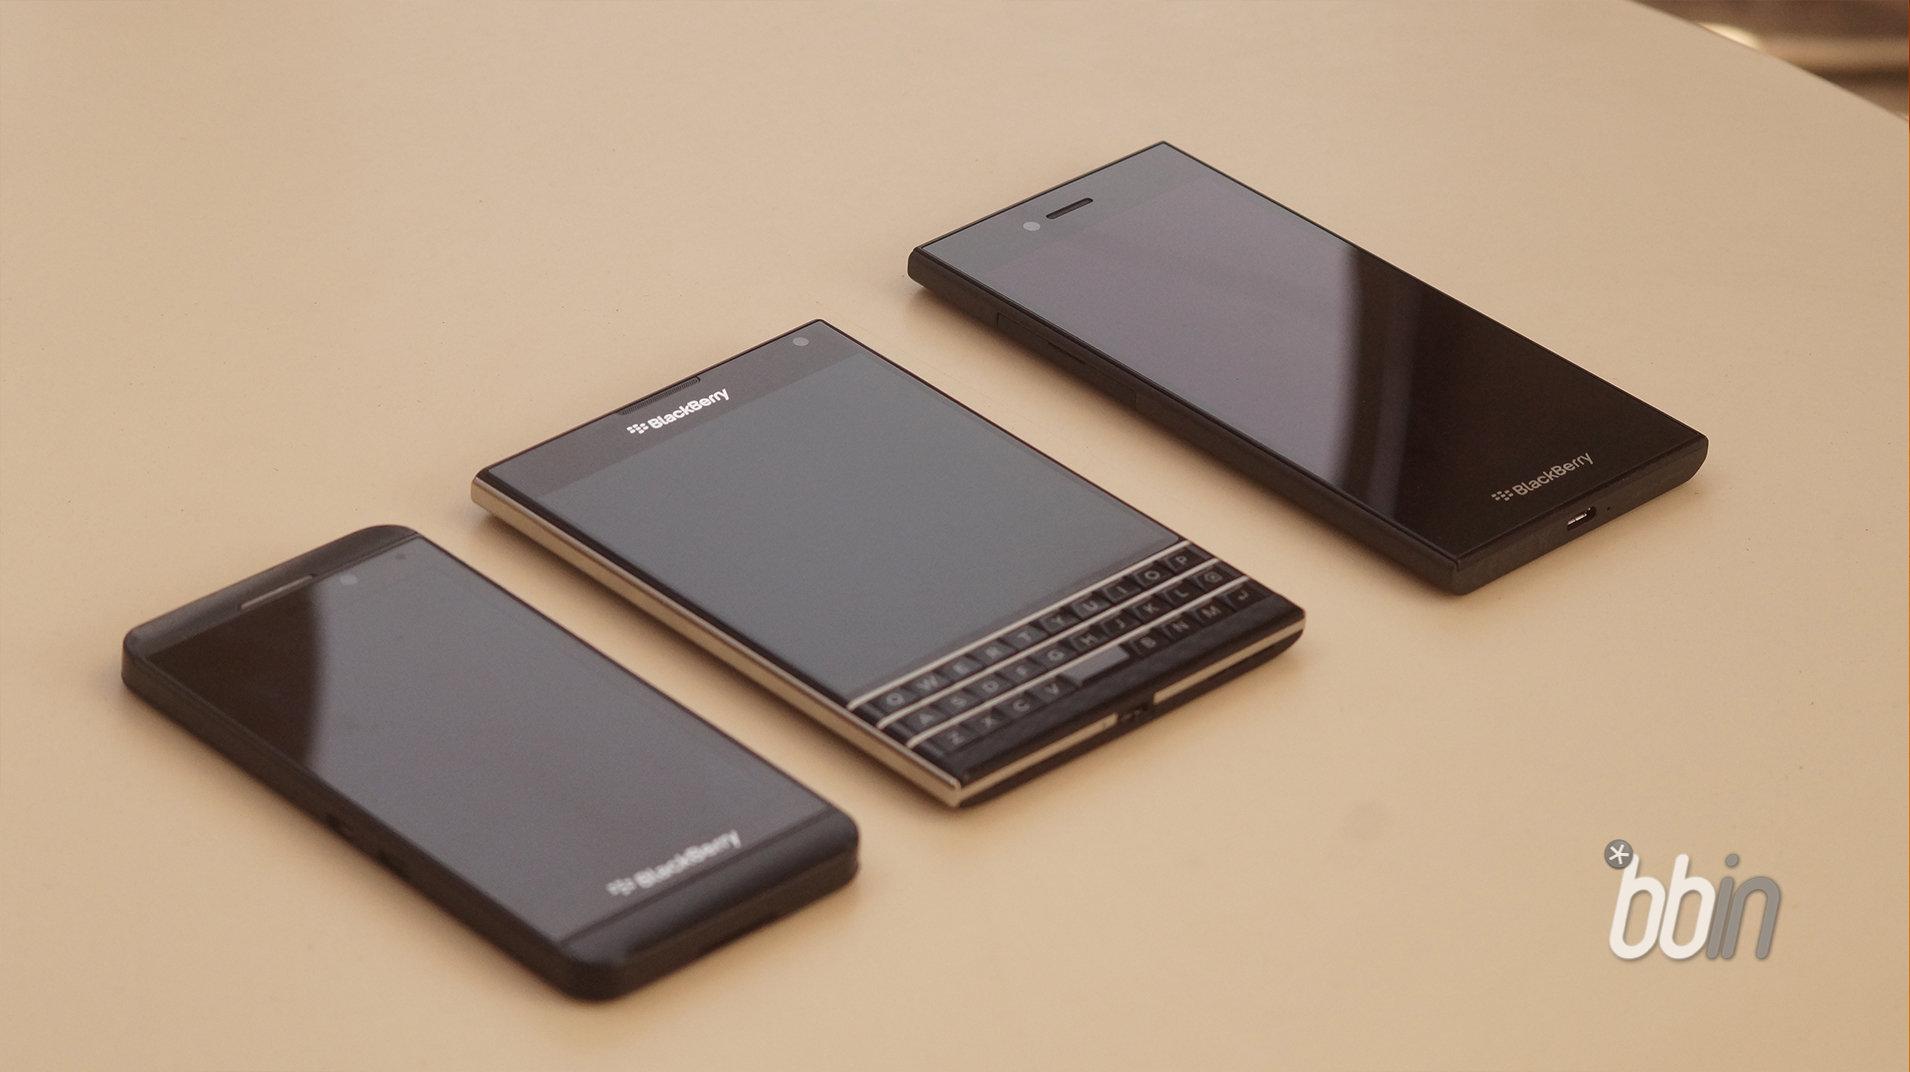 Ensemble Couteaux pour Thermomix TM 3300 / TM. - m Enlever le son appareil photo blackberry